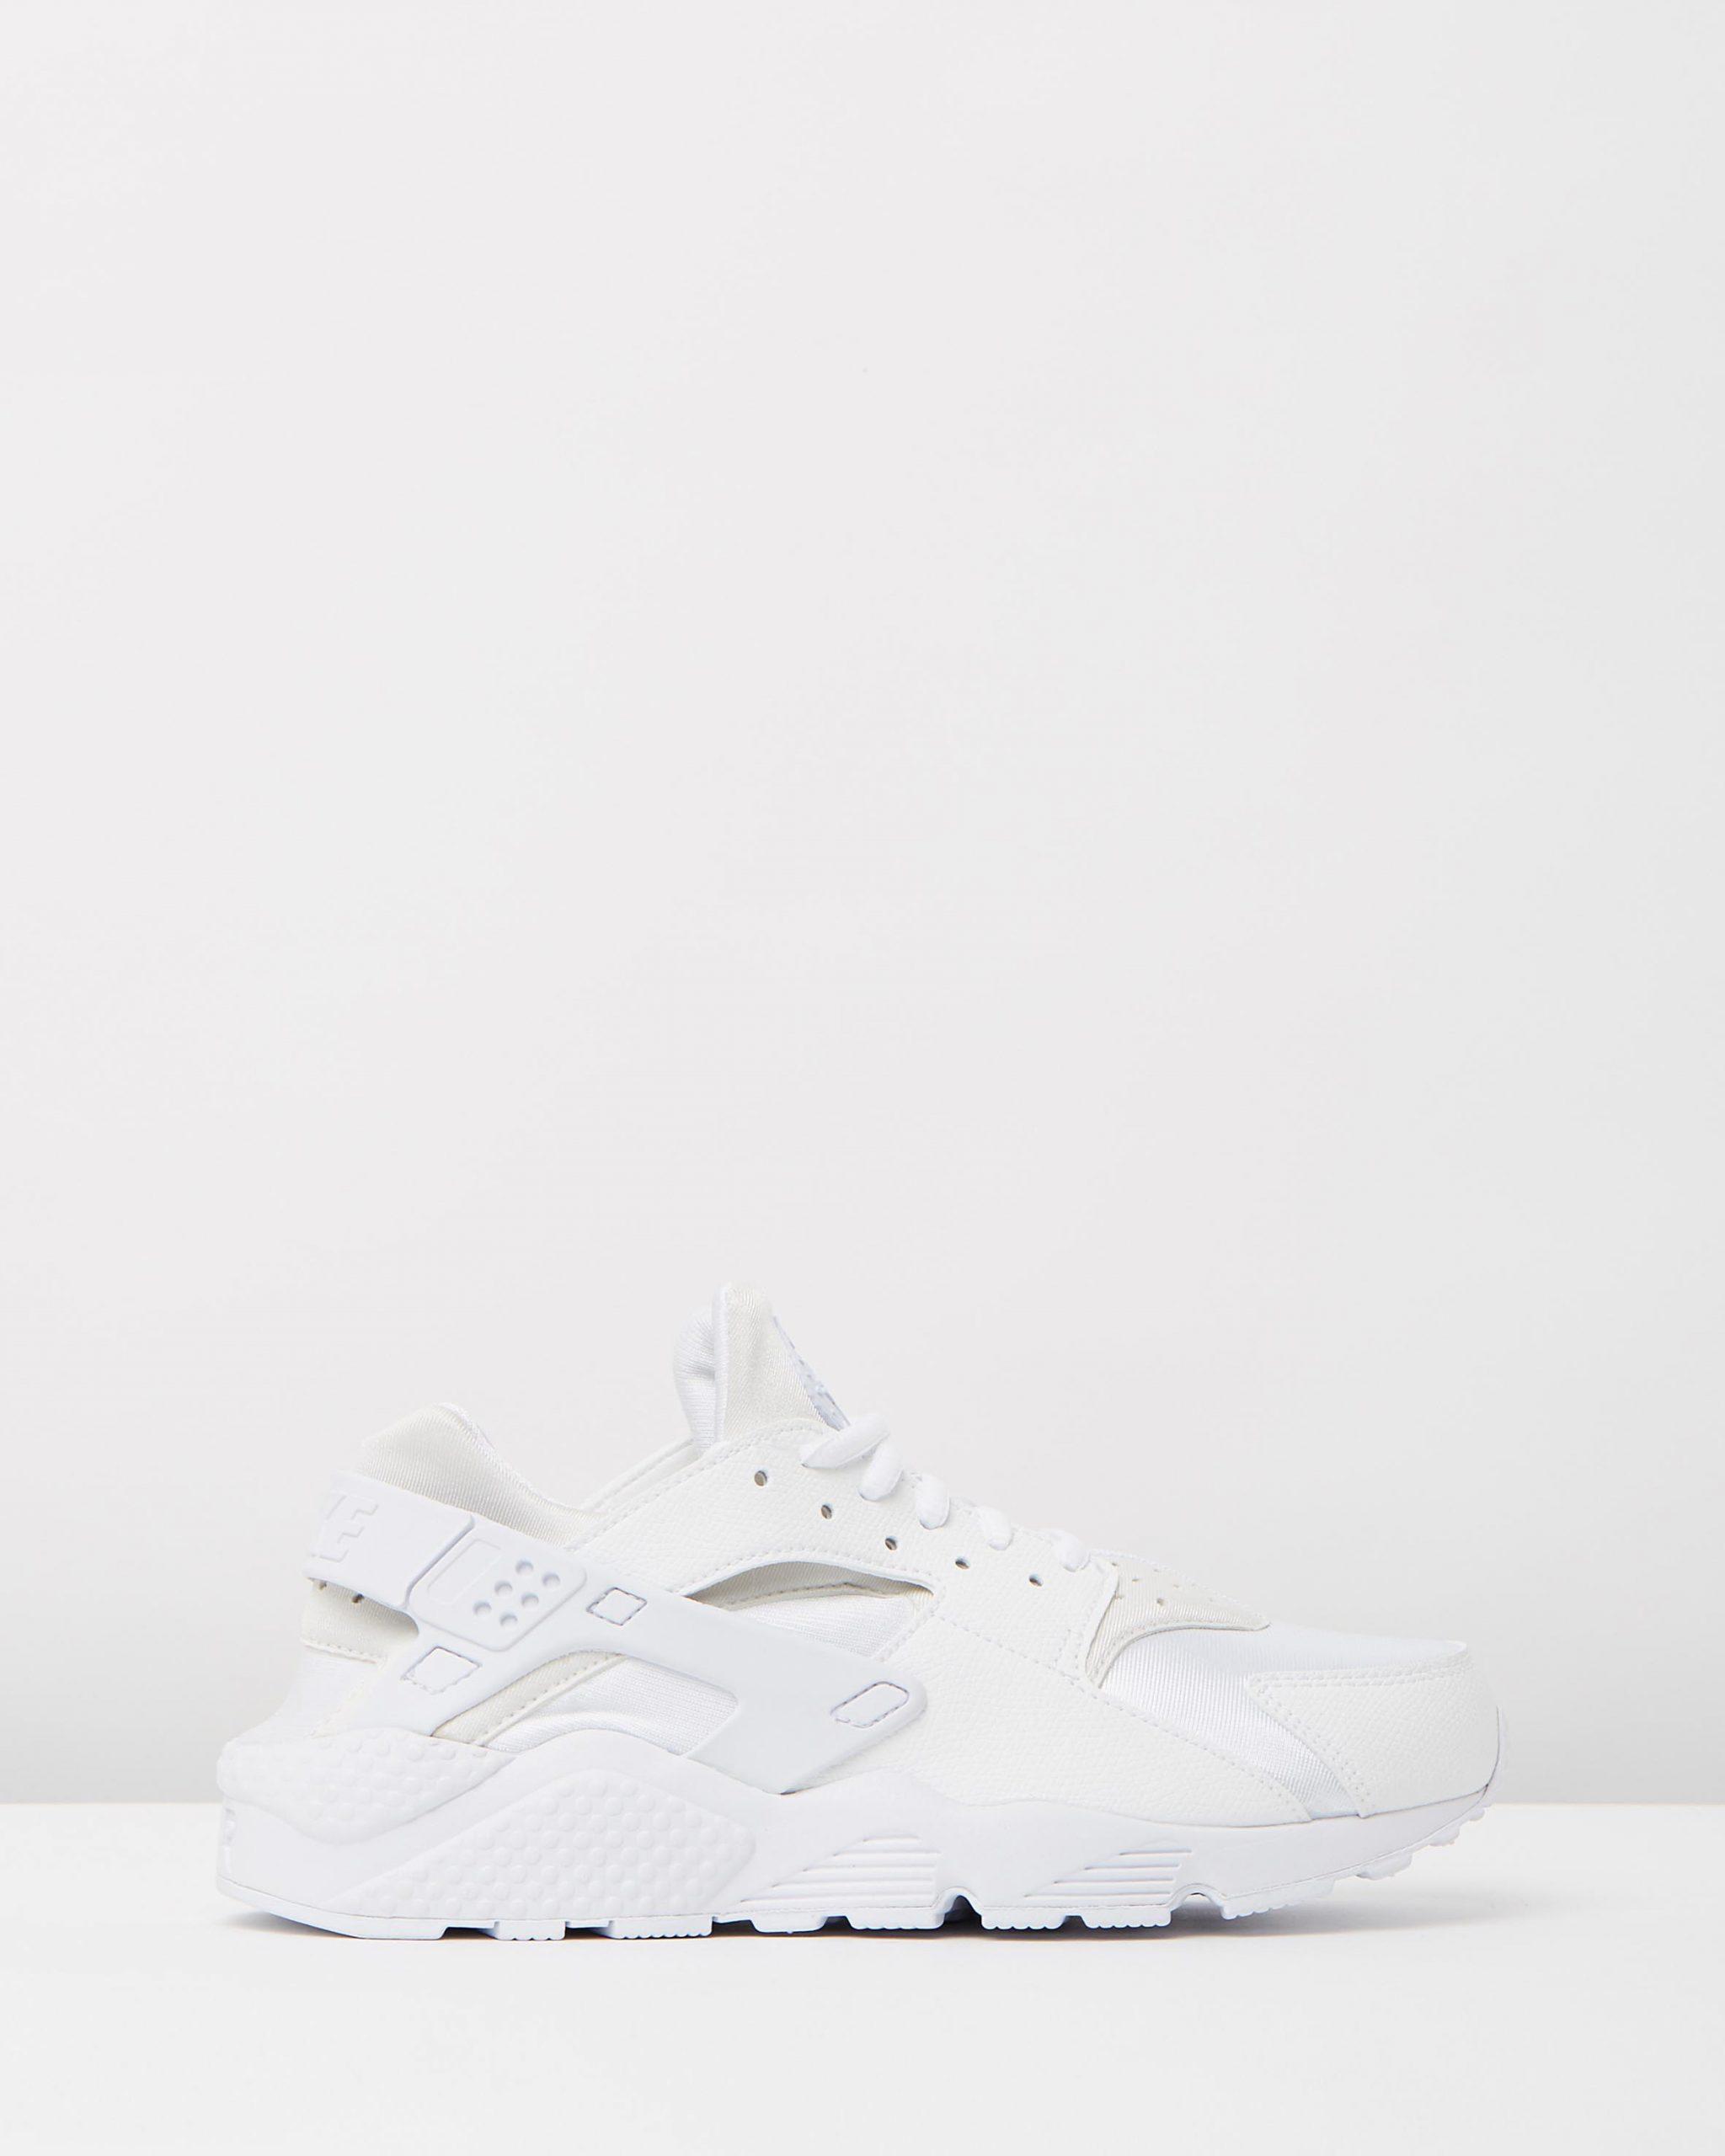 Women's Nike Air Huarache Run White